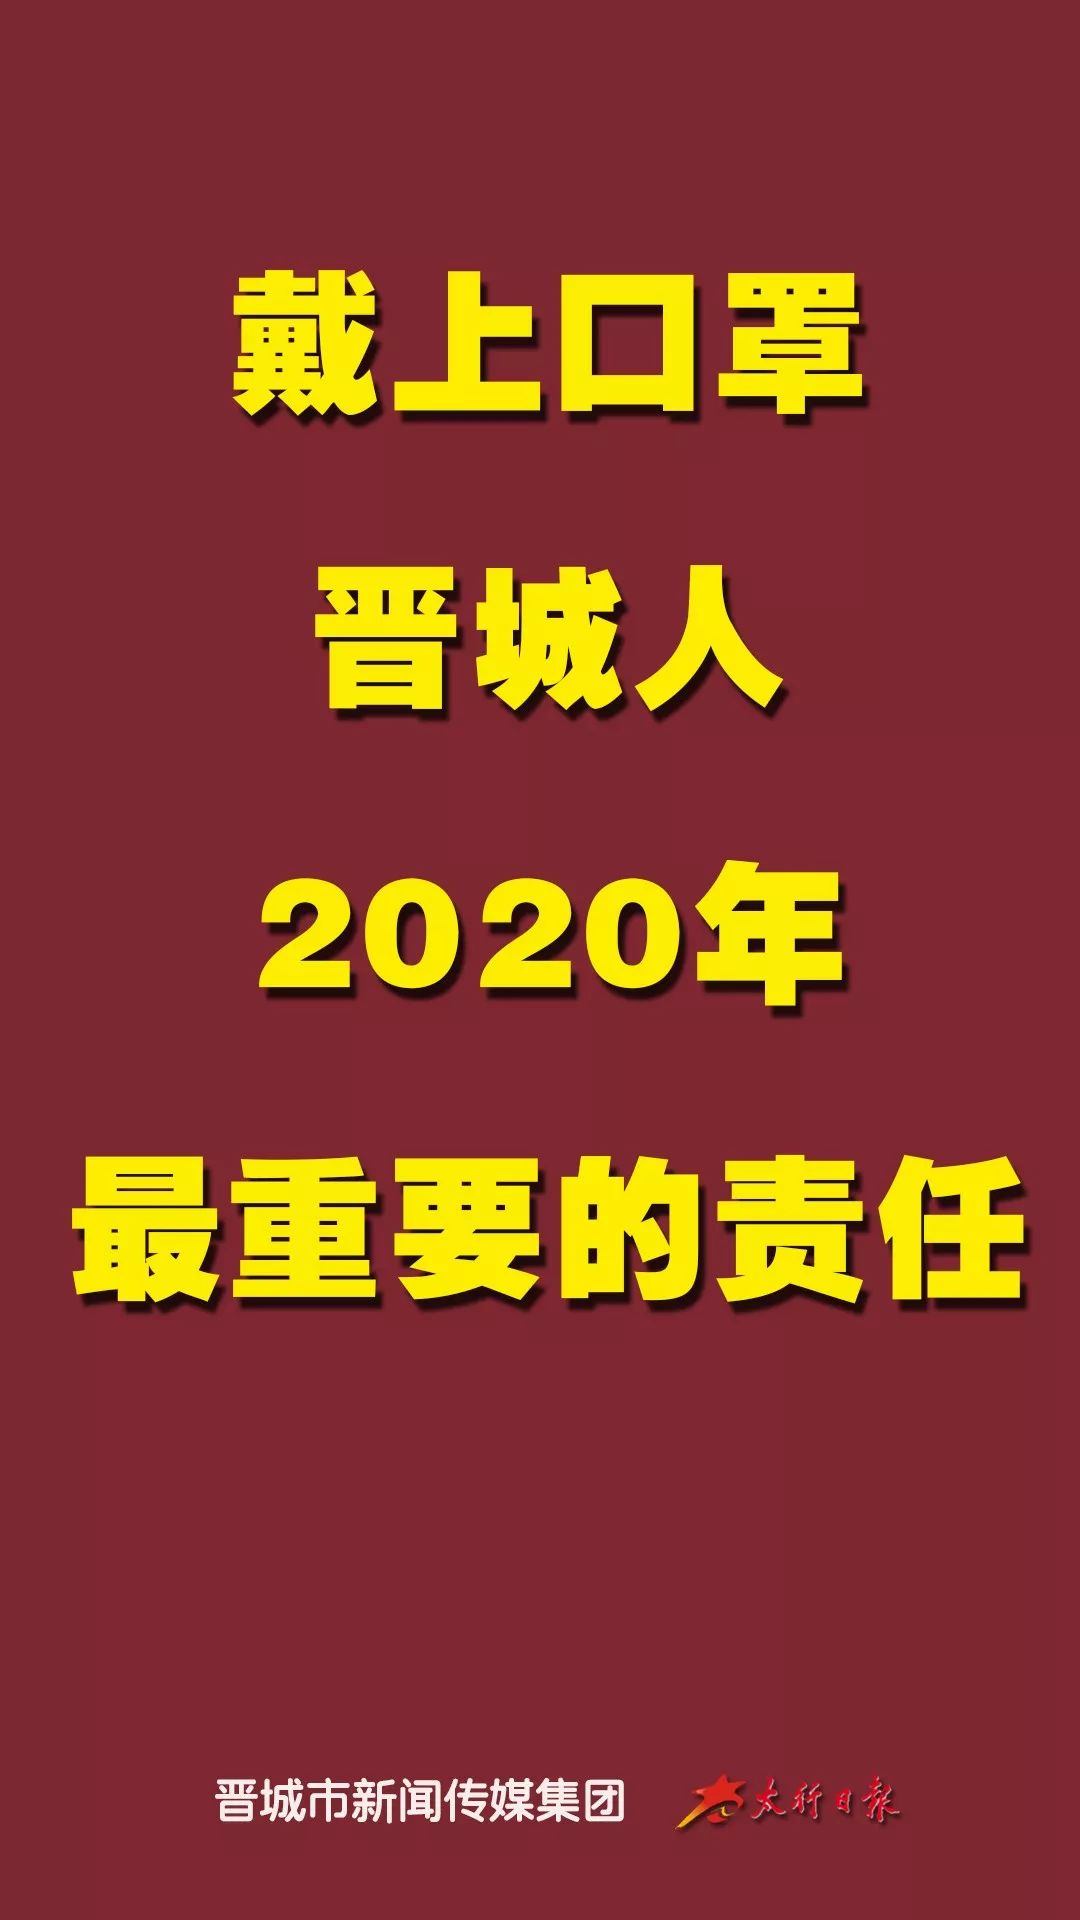 晋城市常住人口2020总人数口_晋城市人口密度图